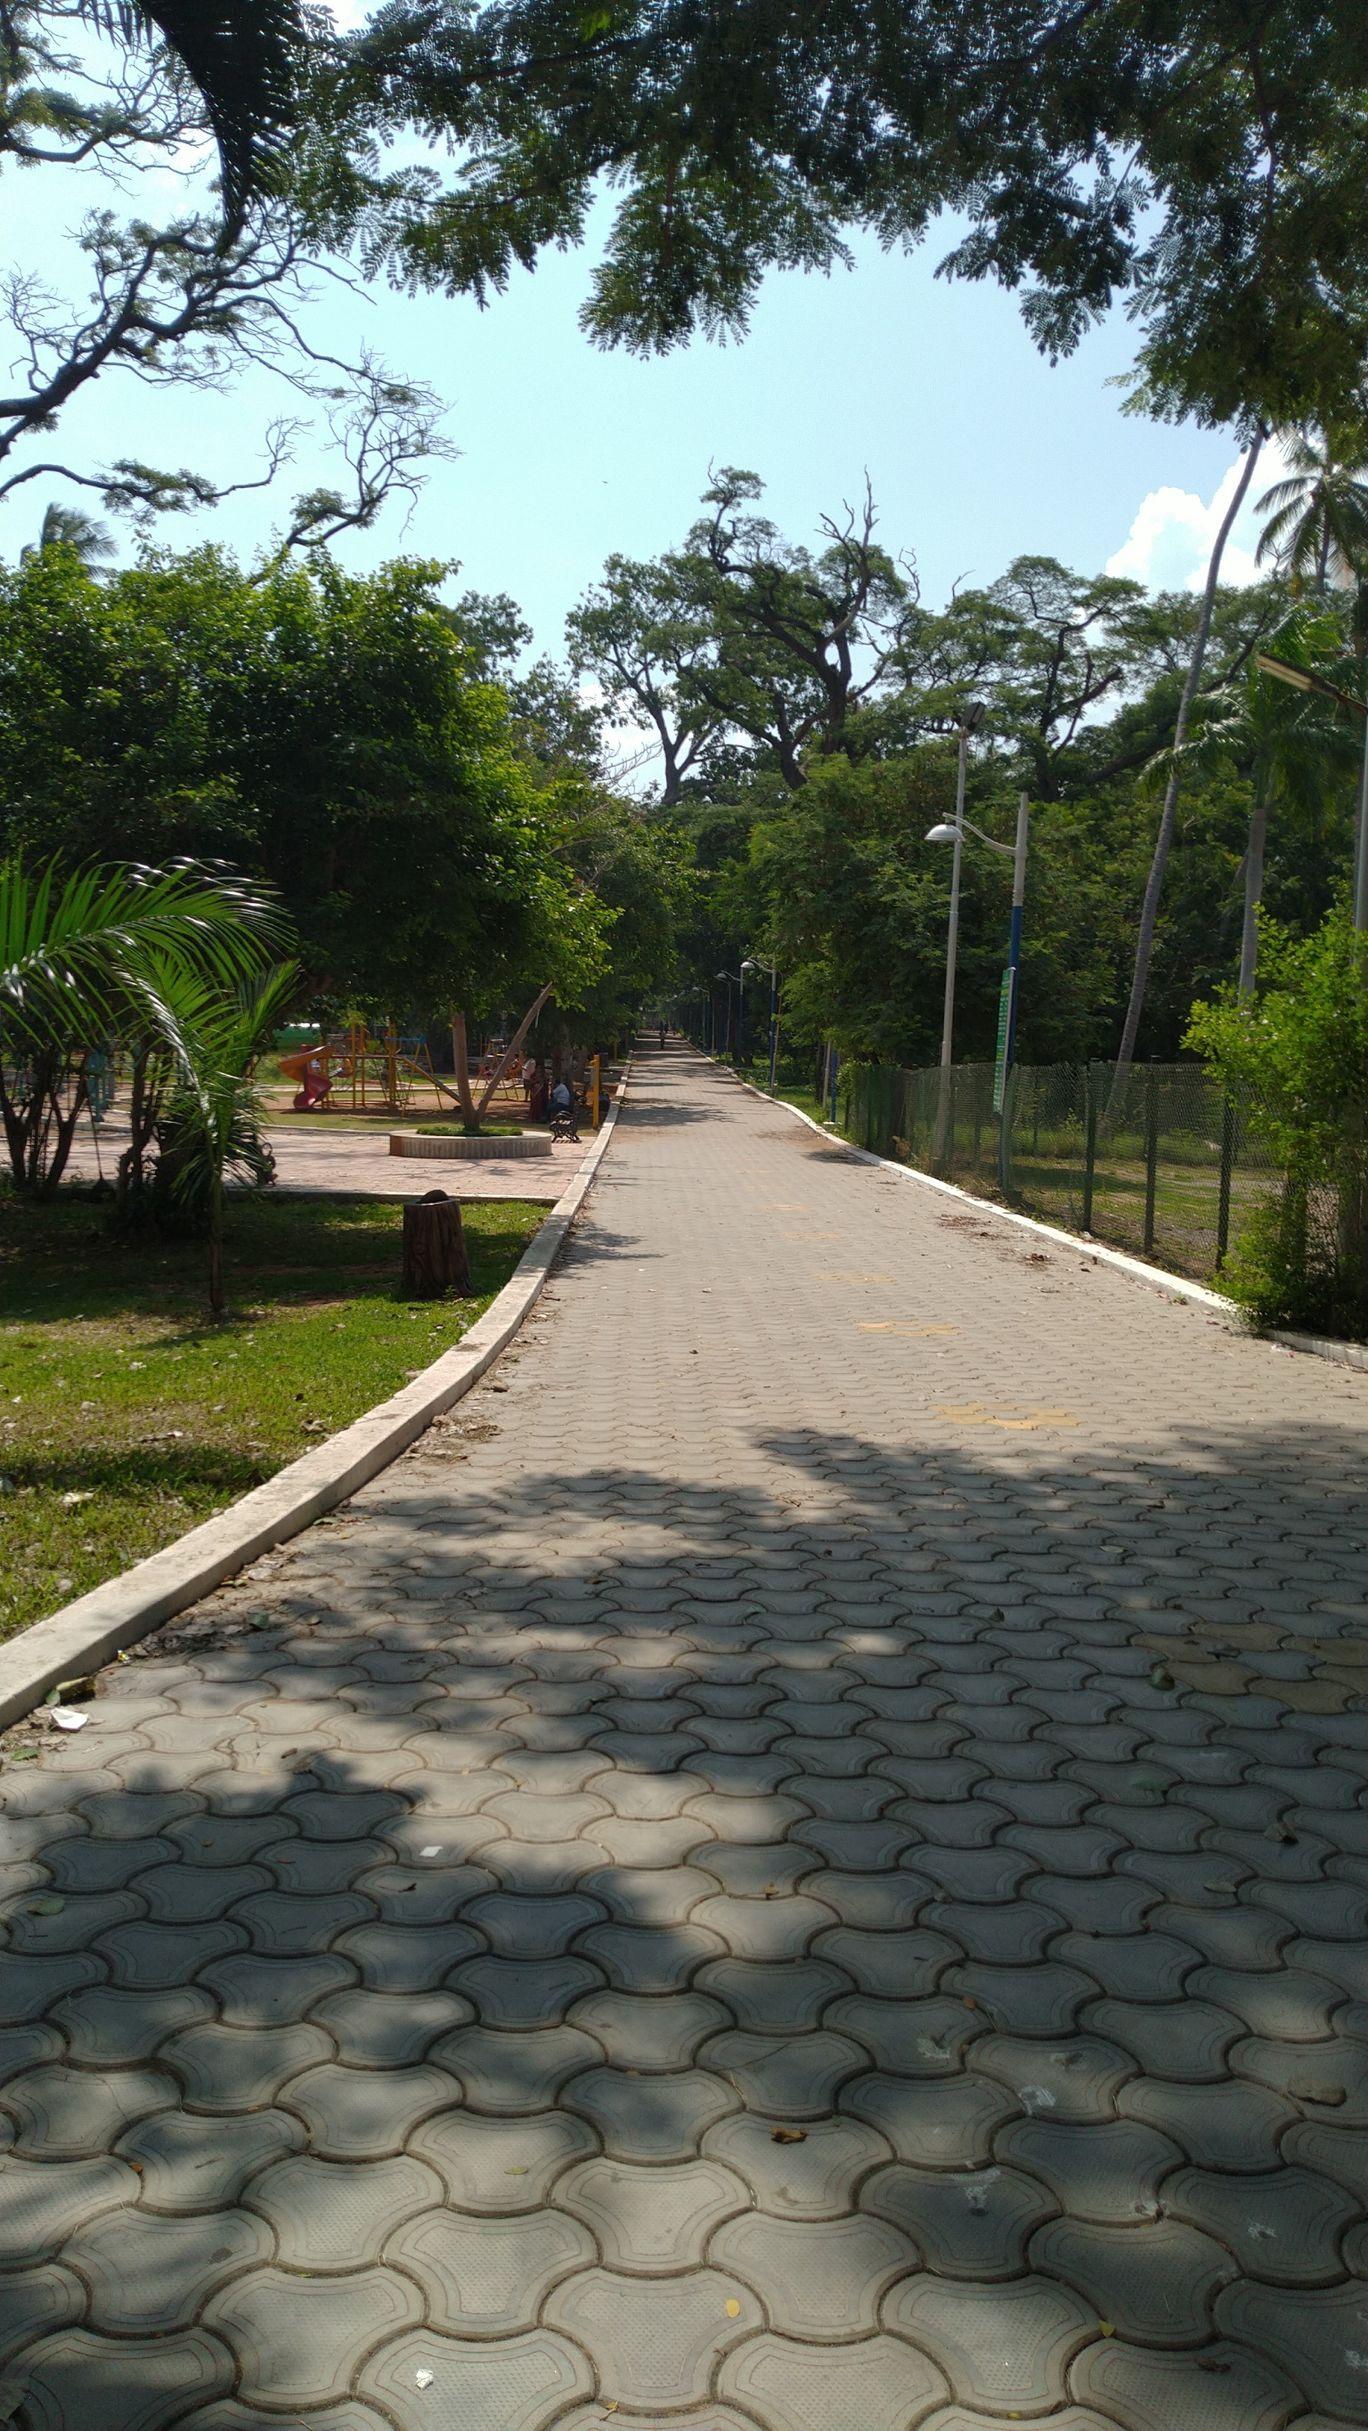 Photo of Pondicherry By Pratiyush Sah